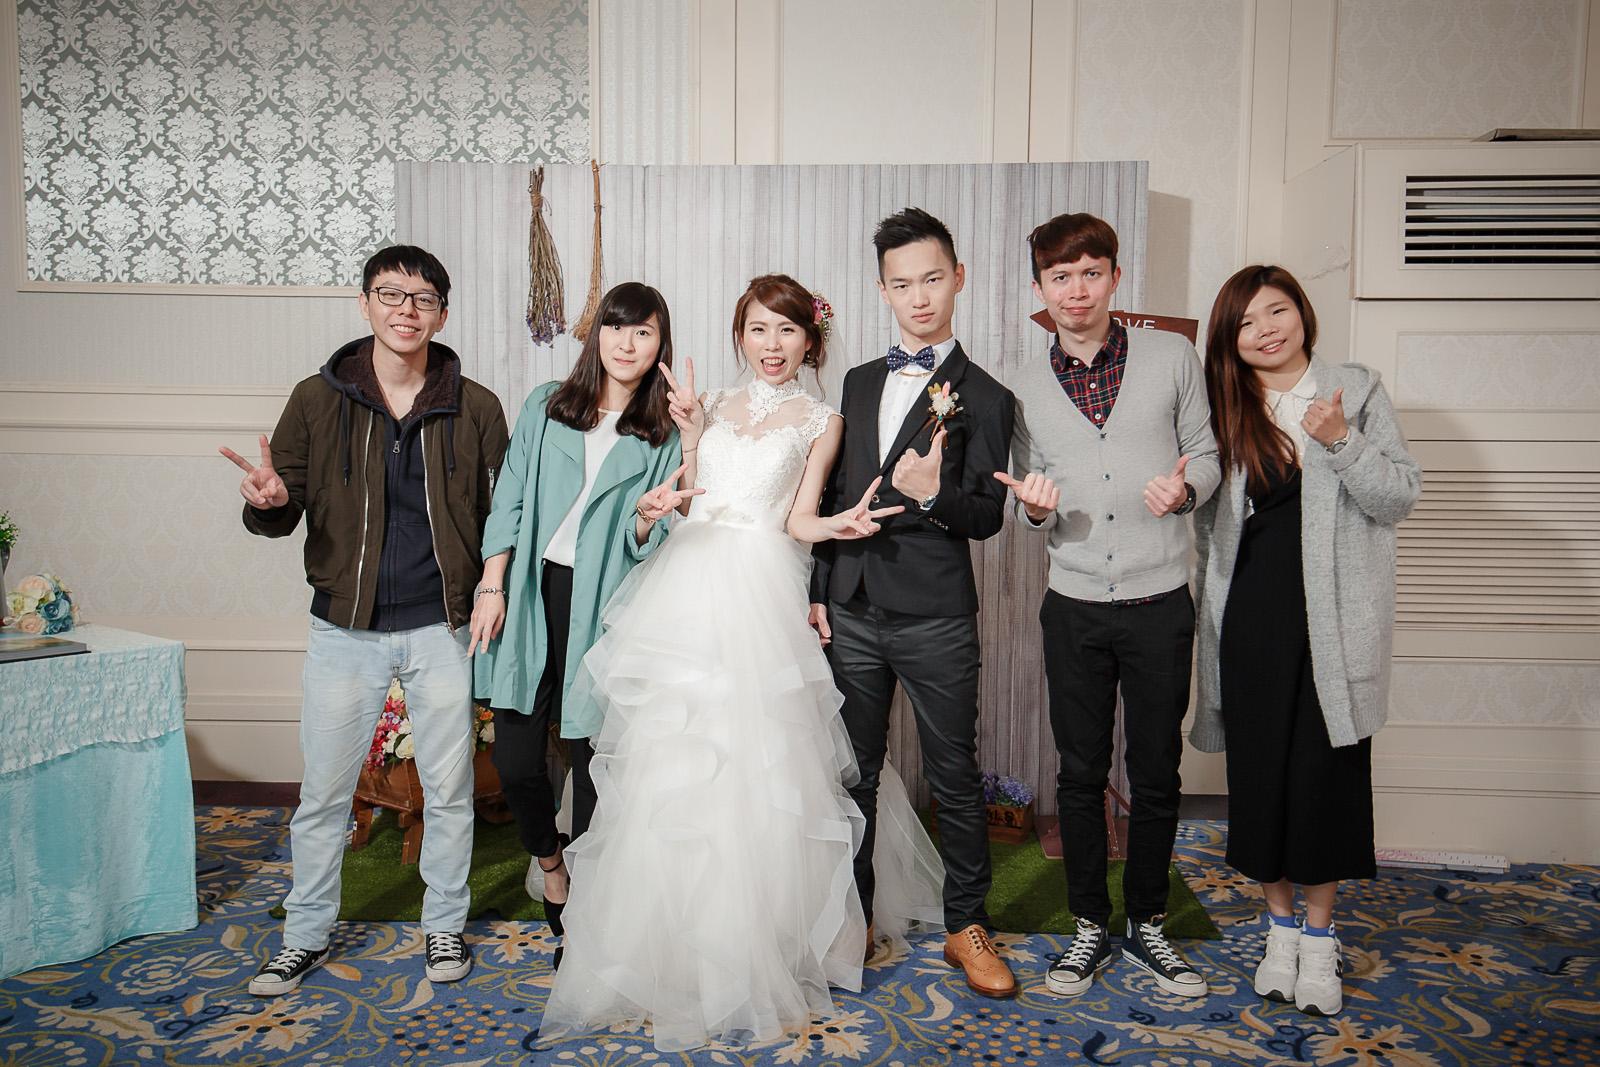 高雄圓山飯店,婚禮攝影,婚攝,高雄婚攝,優質婚攝推薦,Jen&Ethan-204